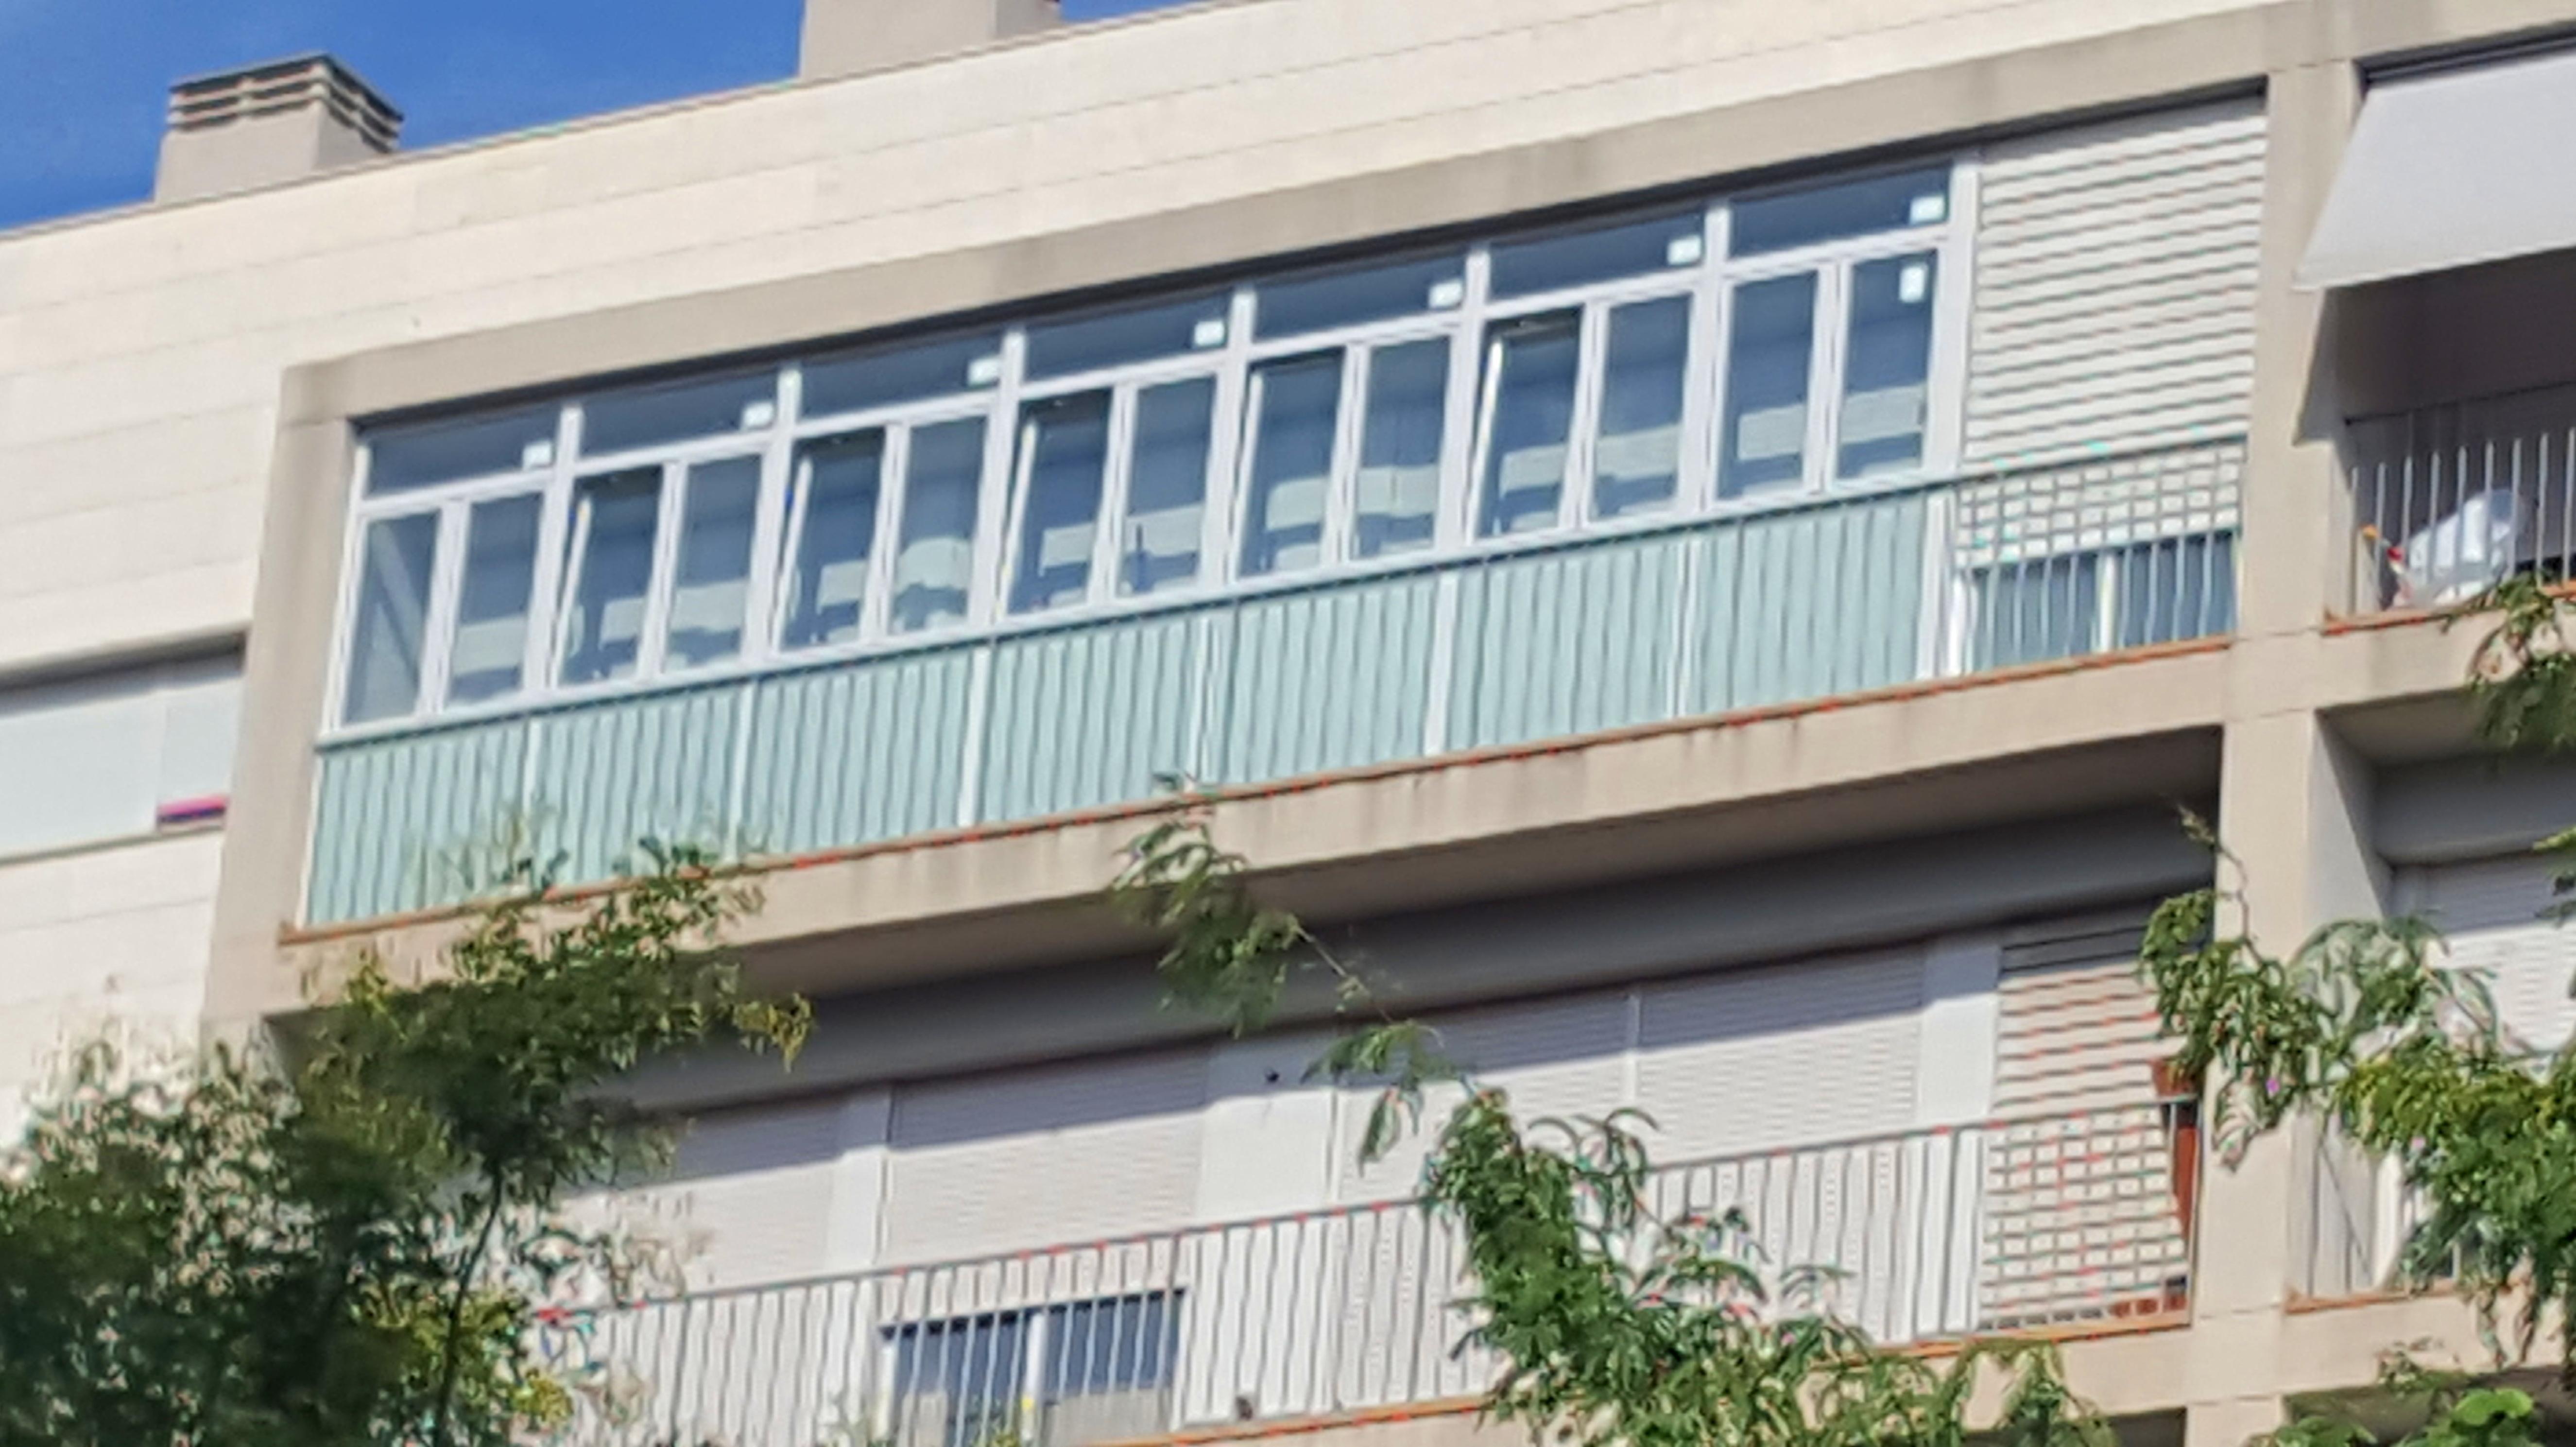 Cerramiento de aluminio con ventanas oscilobatientes en Alcorcón